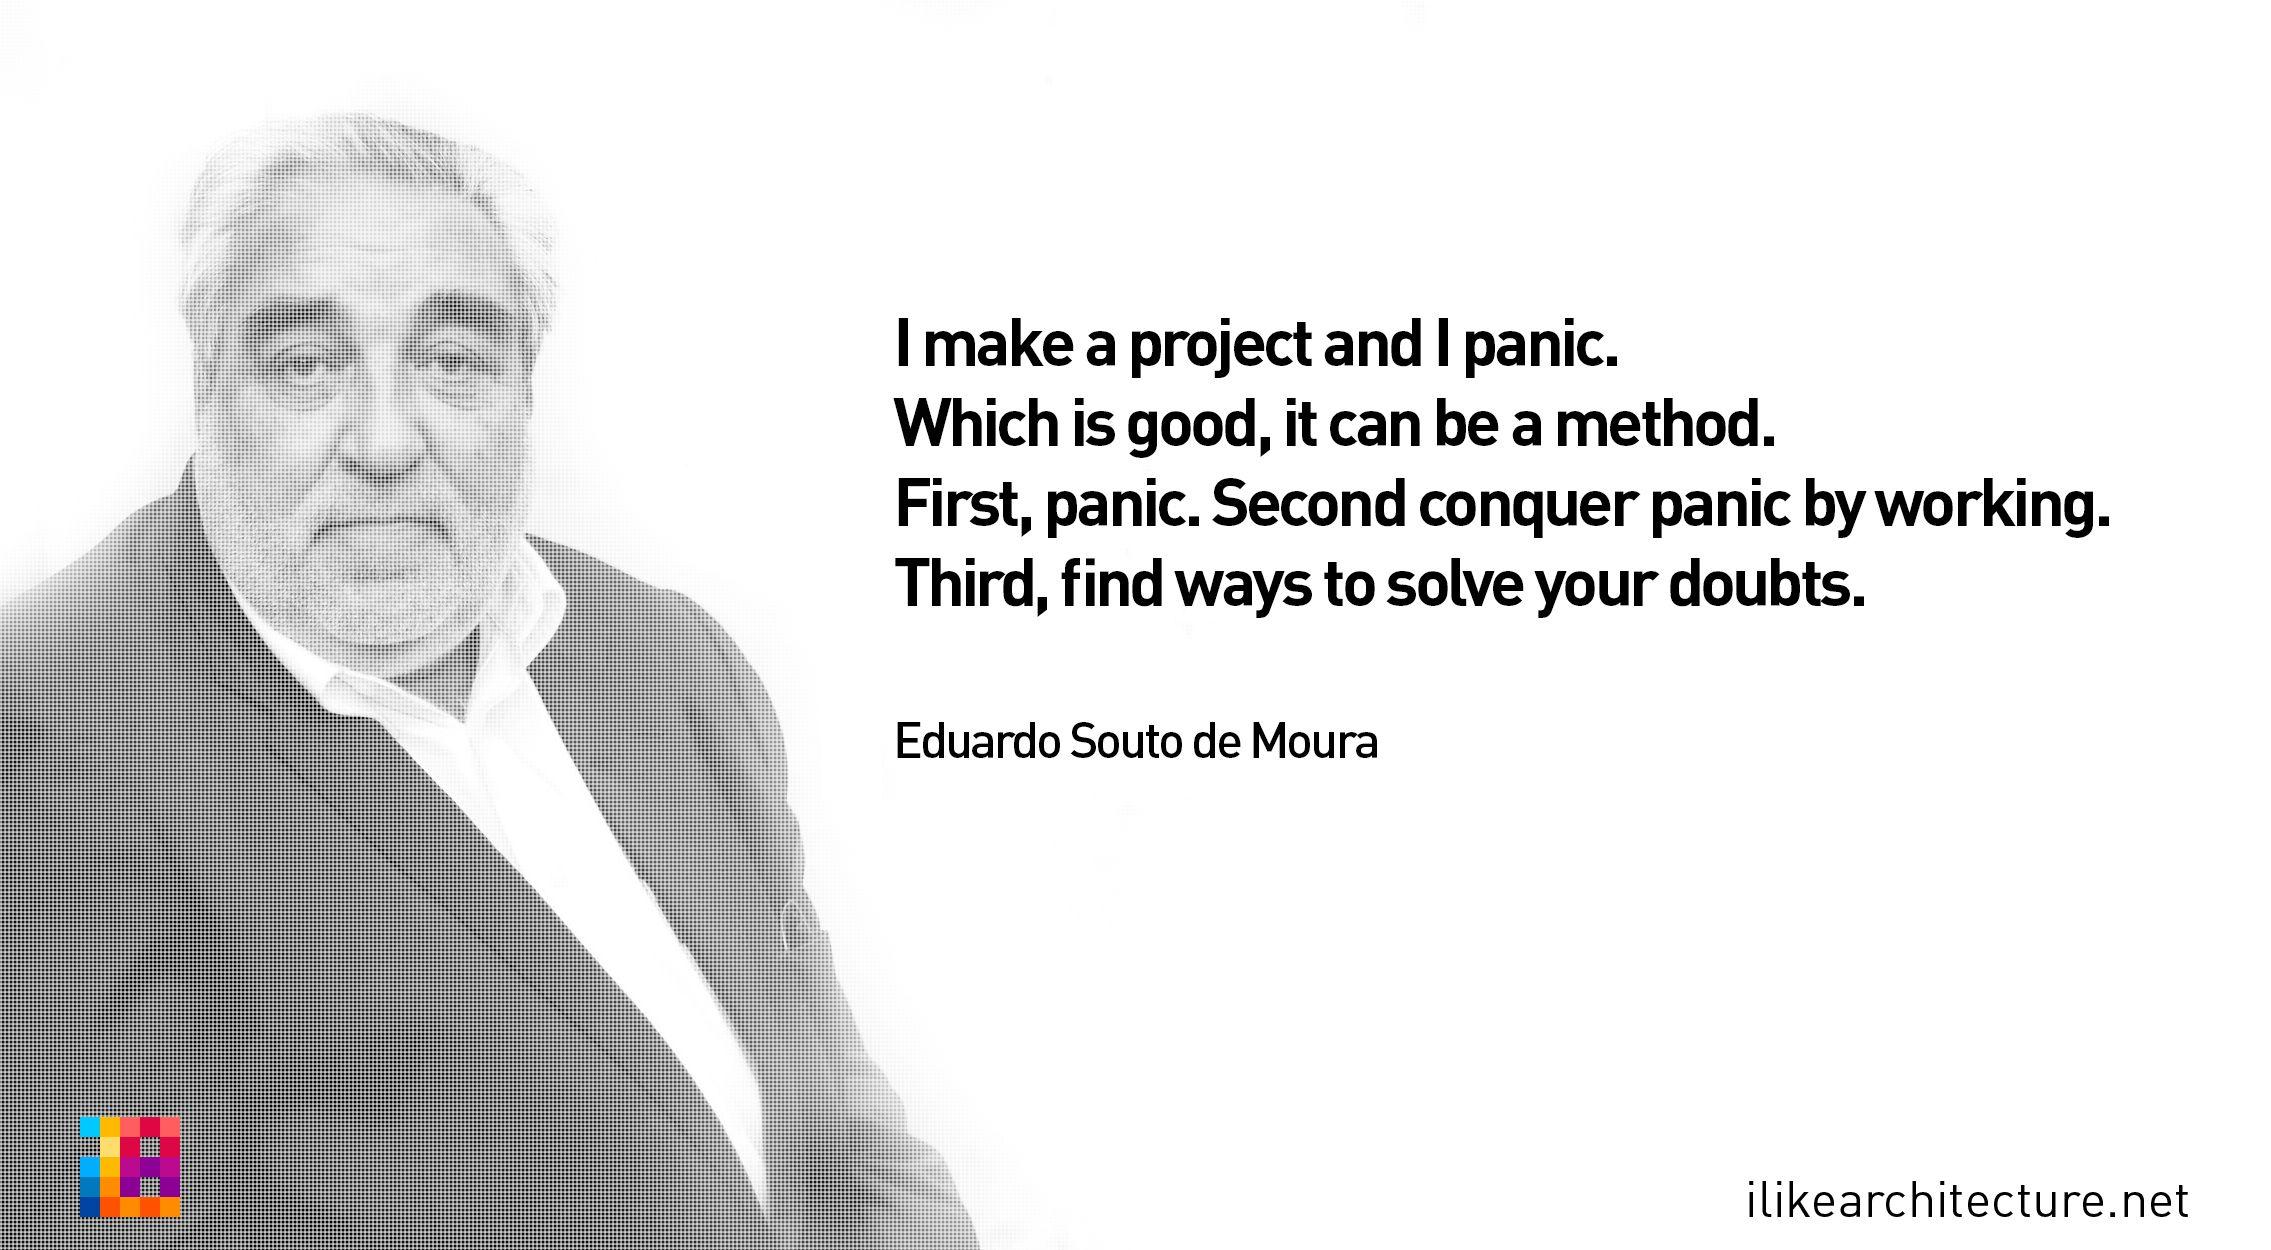 78_Eduardo_Souto_de_Moura